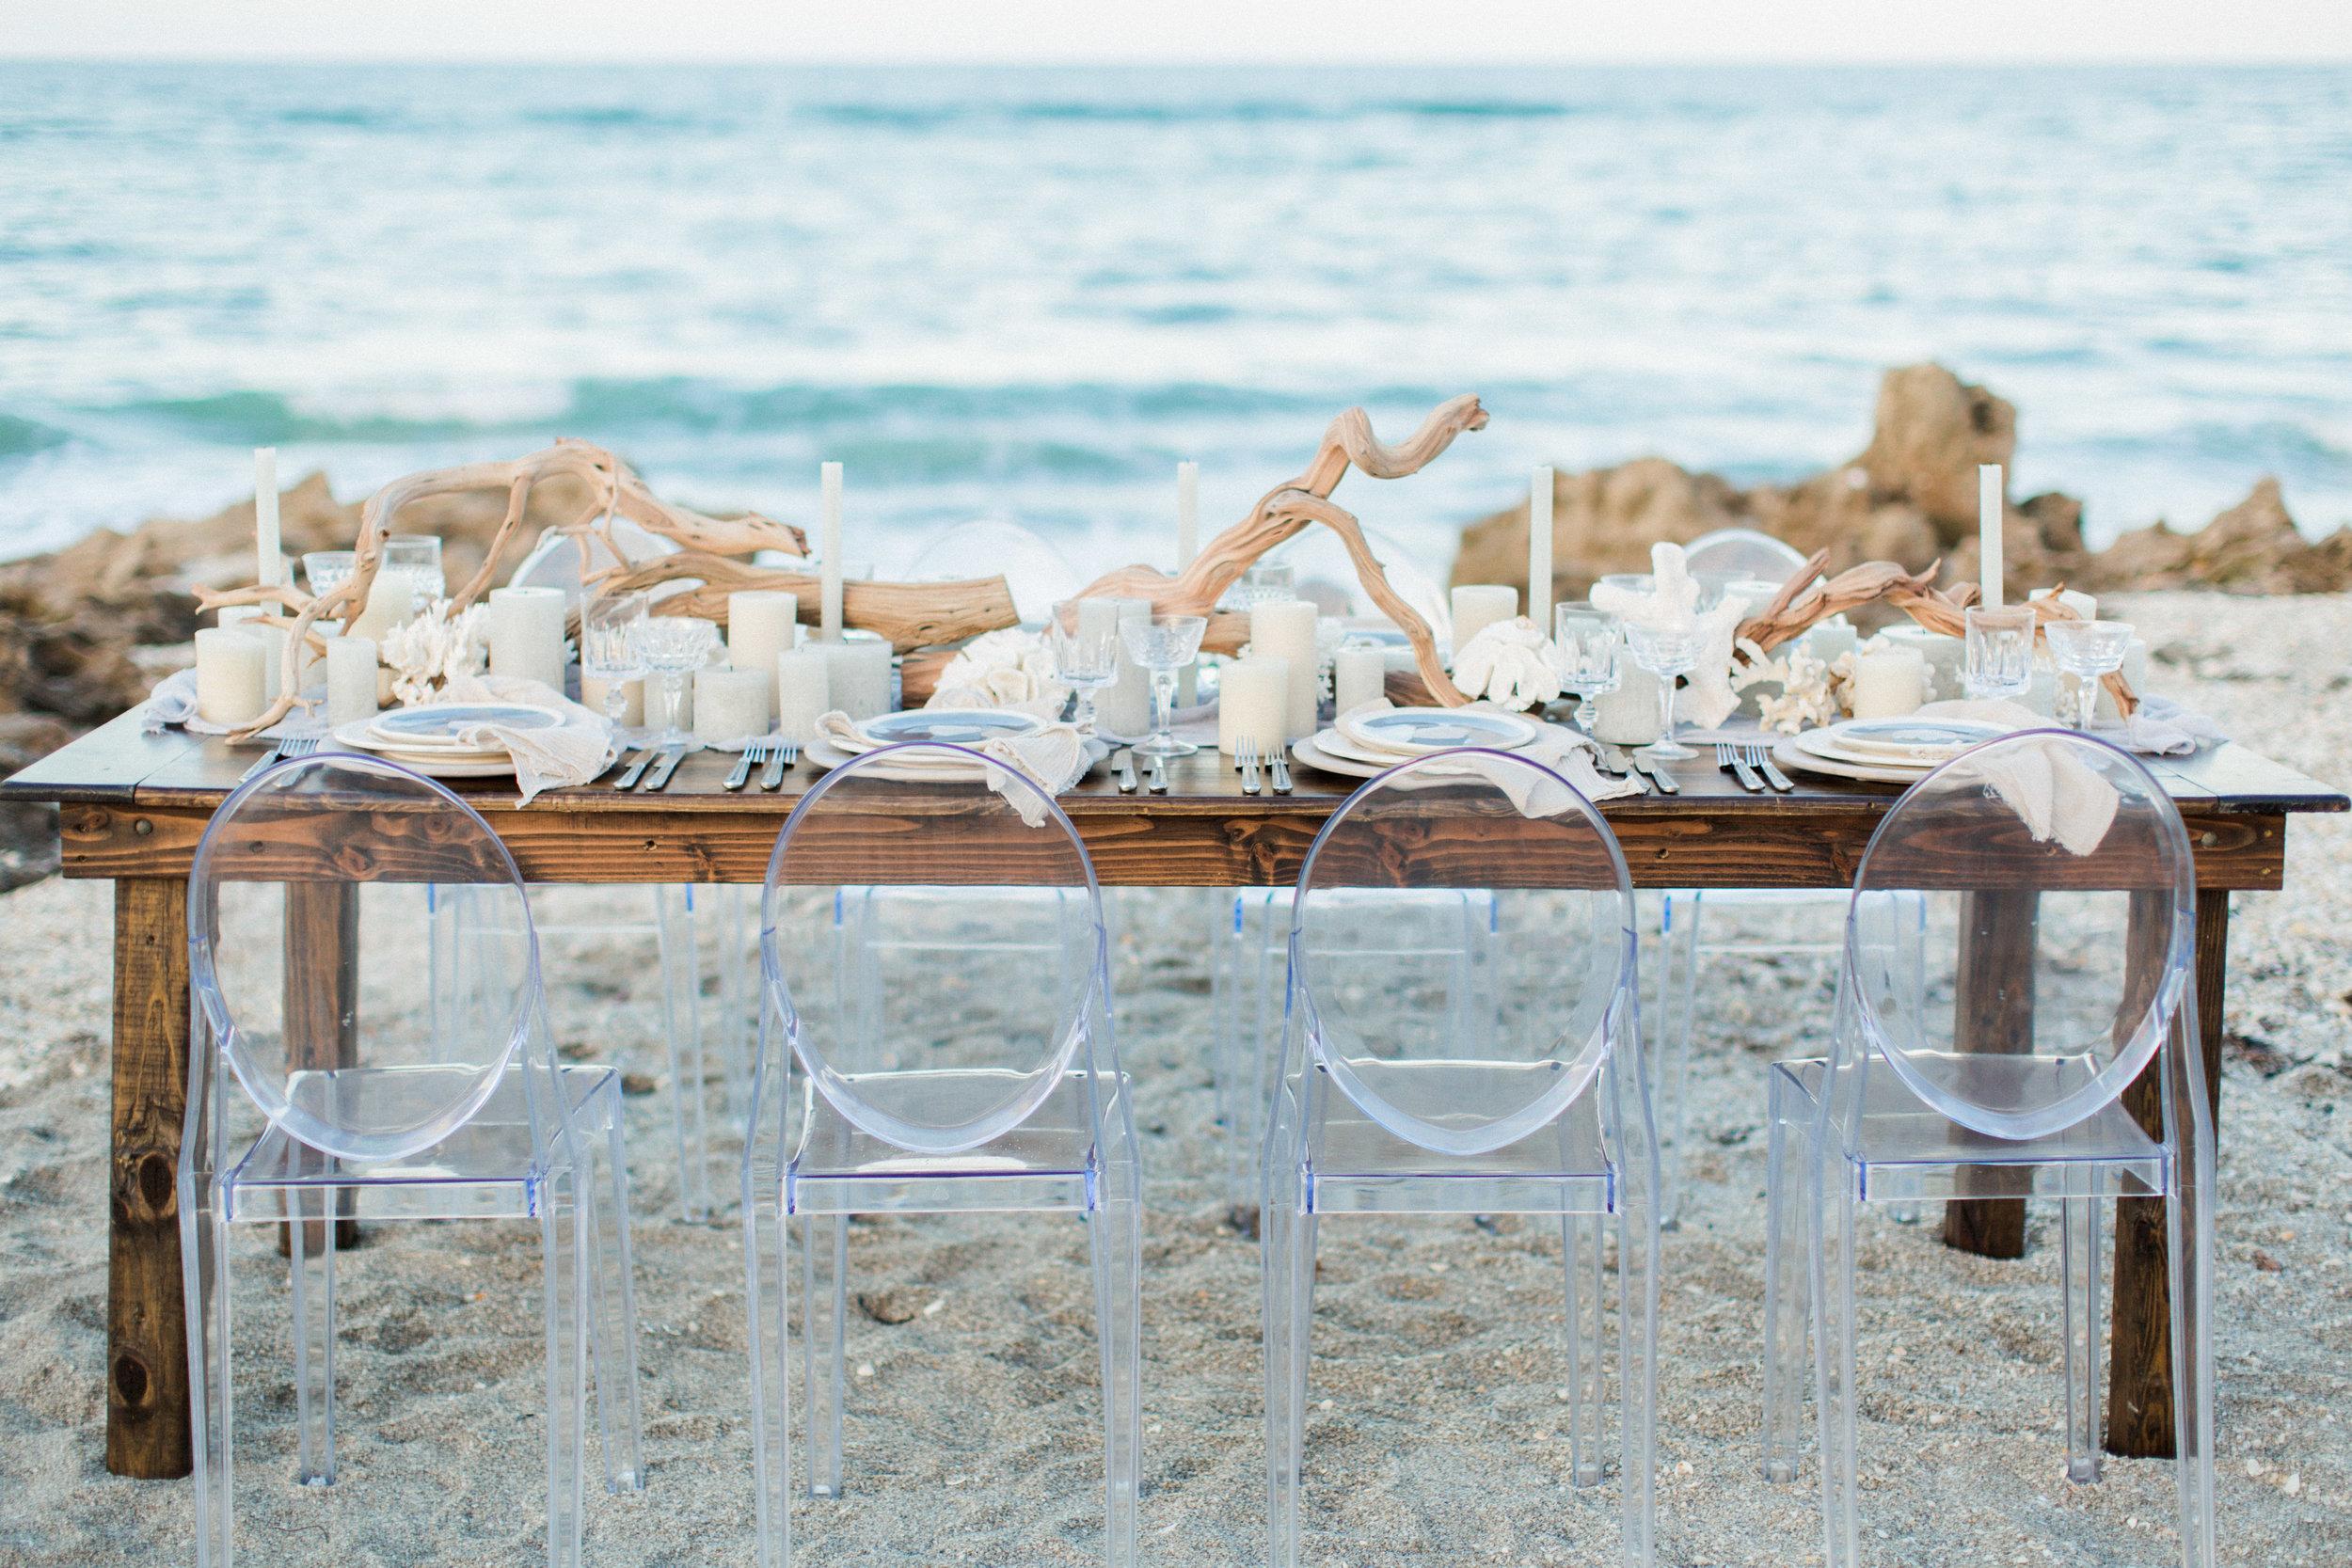 coral cove, jupiter beach FL, palm beach wedding photos, table setting on beach